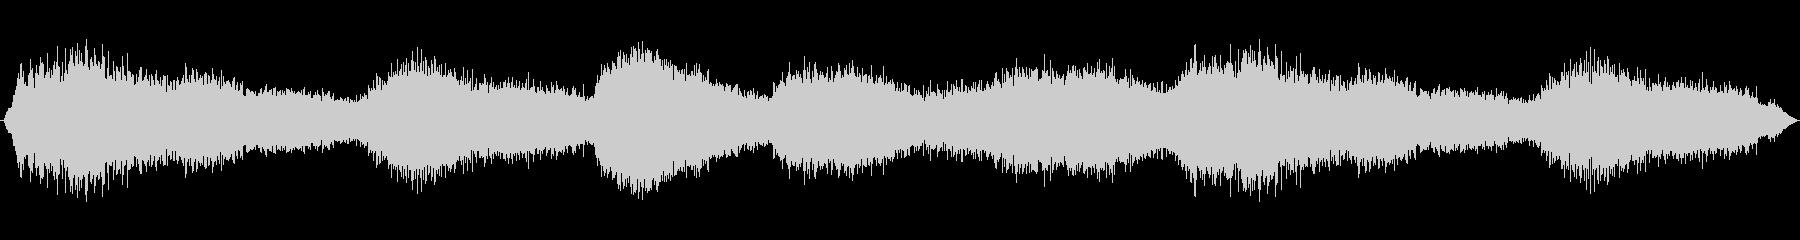 空間的で不穏なBGSの未再生の波形